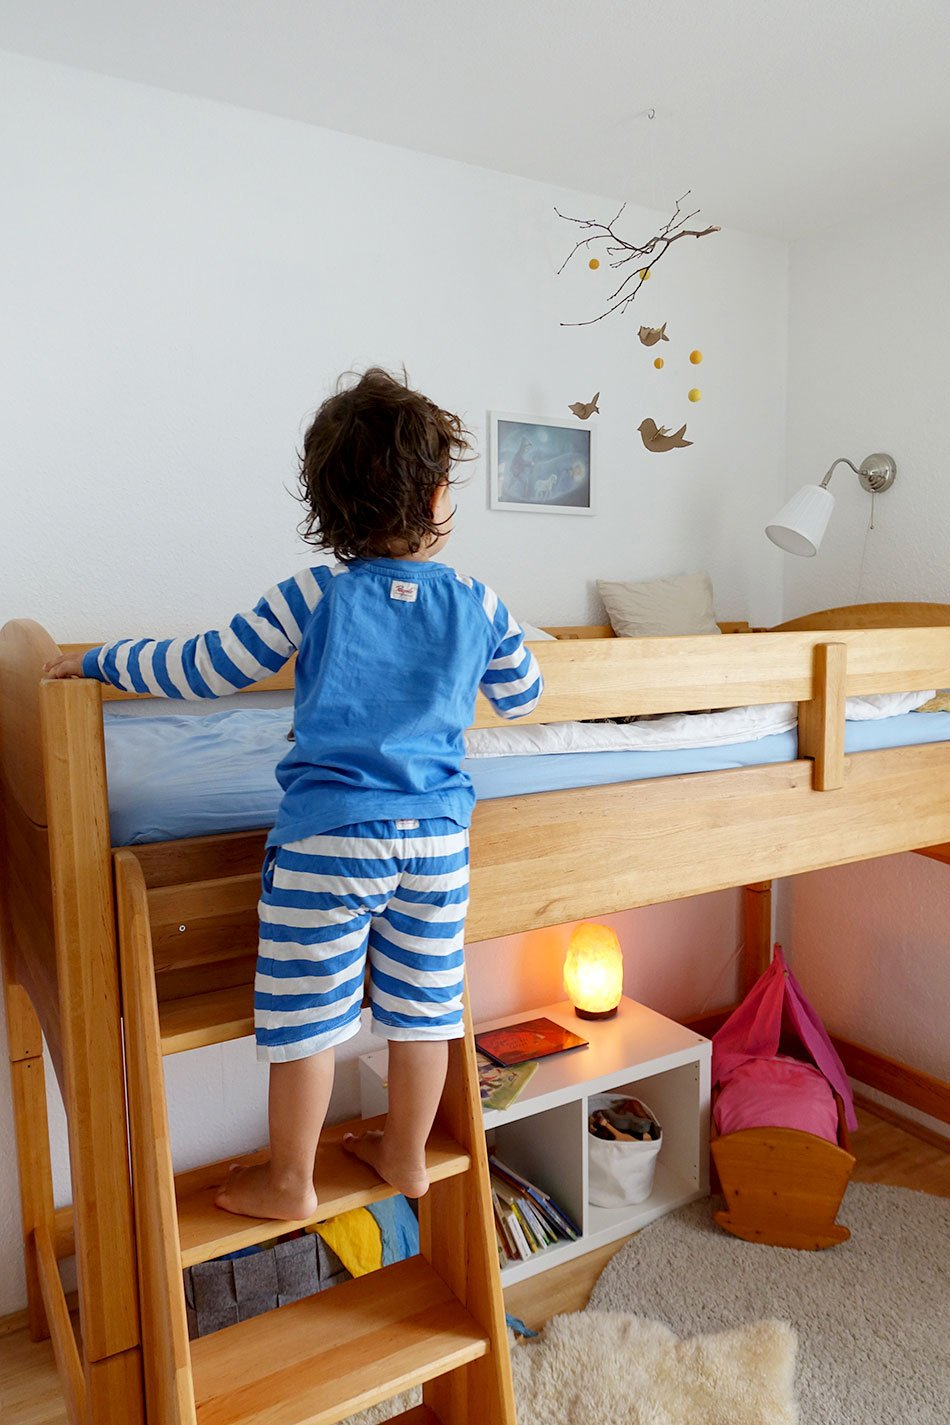 Full Size of Bett 220 X 200 Tojo V Platzsparend Hülsta Betten Mannheim Modernes Amerikanische 180x220 Ausziehbares 120x200 Mit Bettkasten Hunde Weisses Massivholz 200x200 Bett Bett Kleinkind